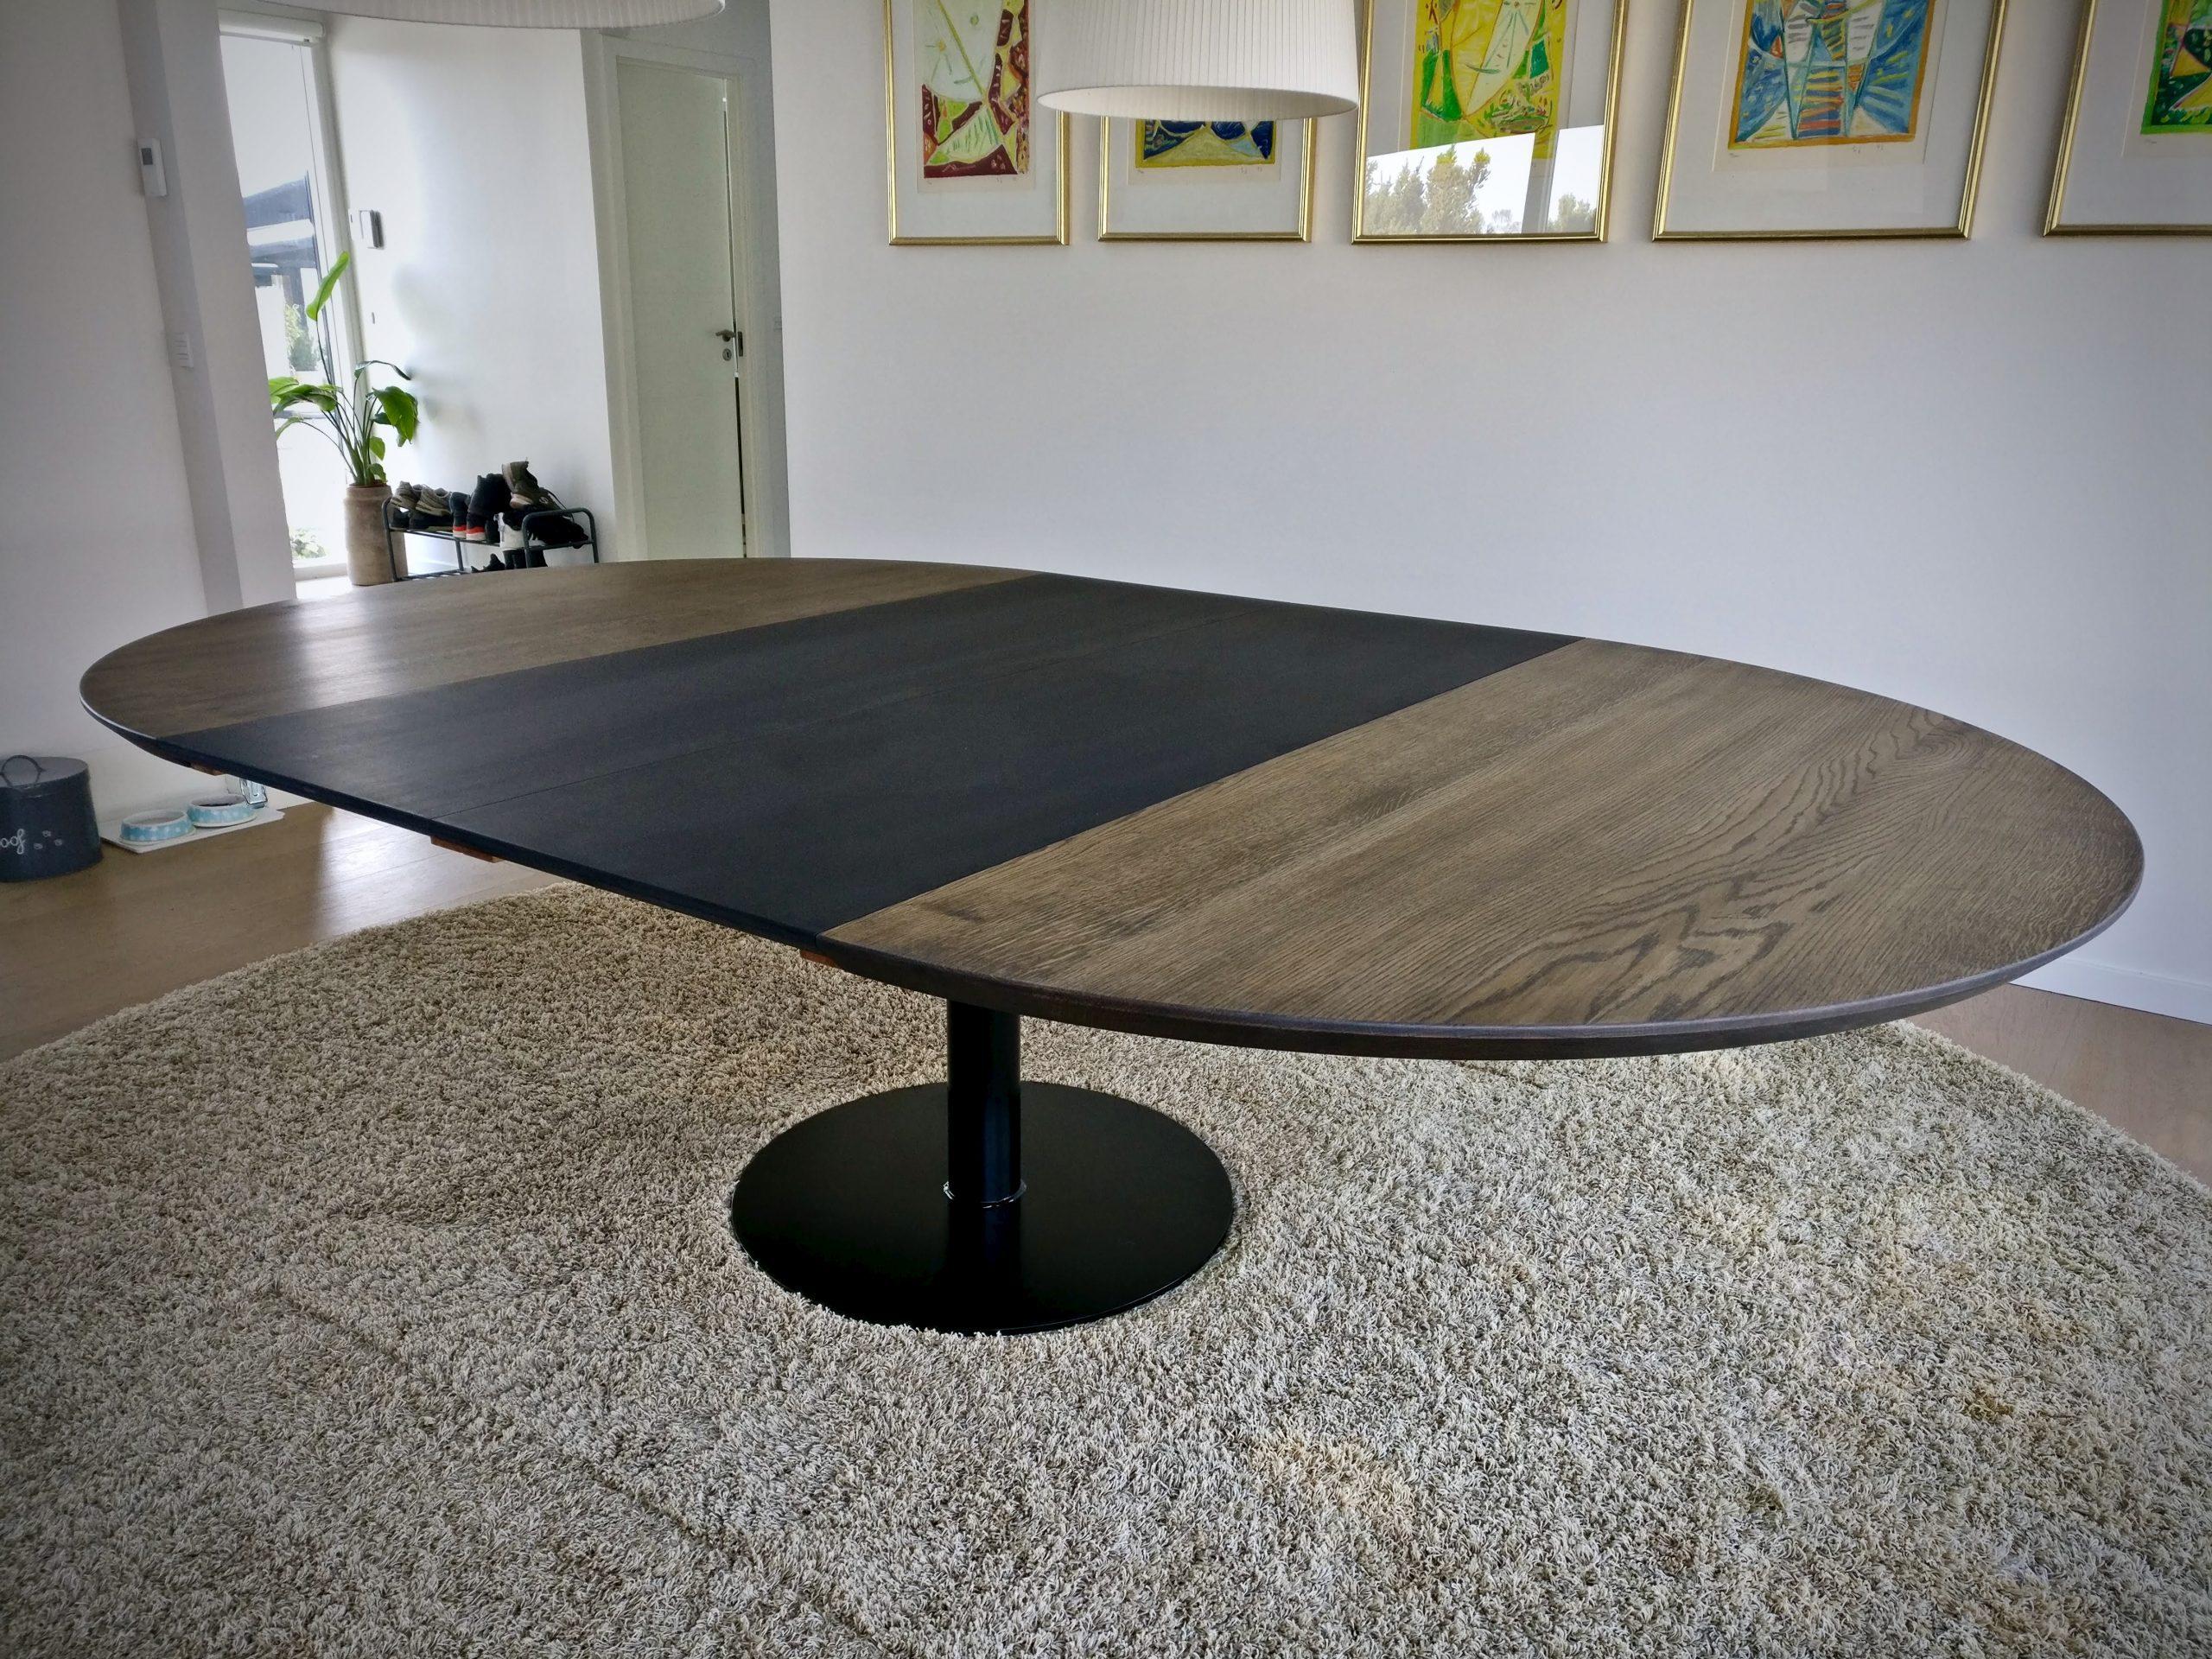 Rundt plankebord i egetrae kaerbygaard 2021 med udtryk og 2 tillaegsplader inkl mette spisebordsstole 5 scaled